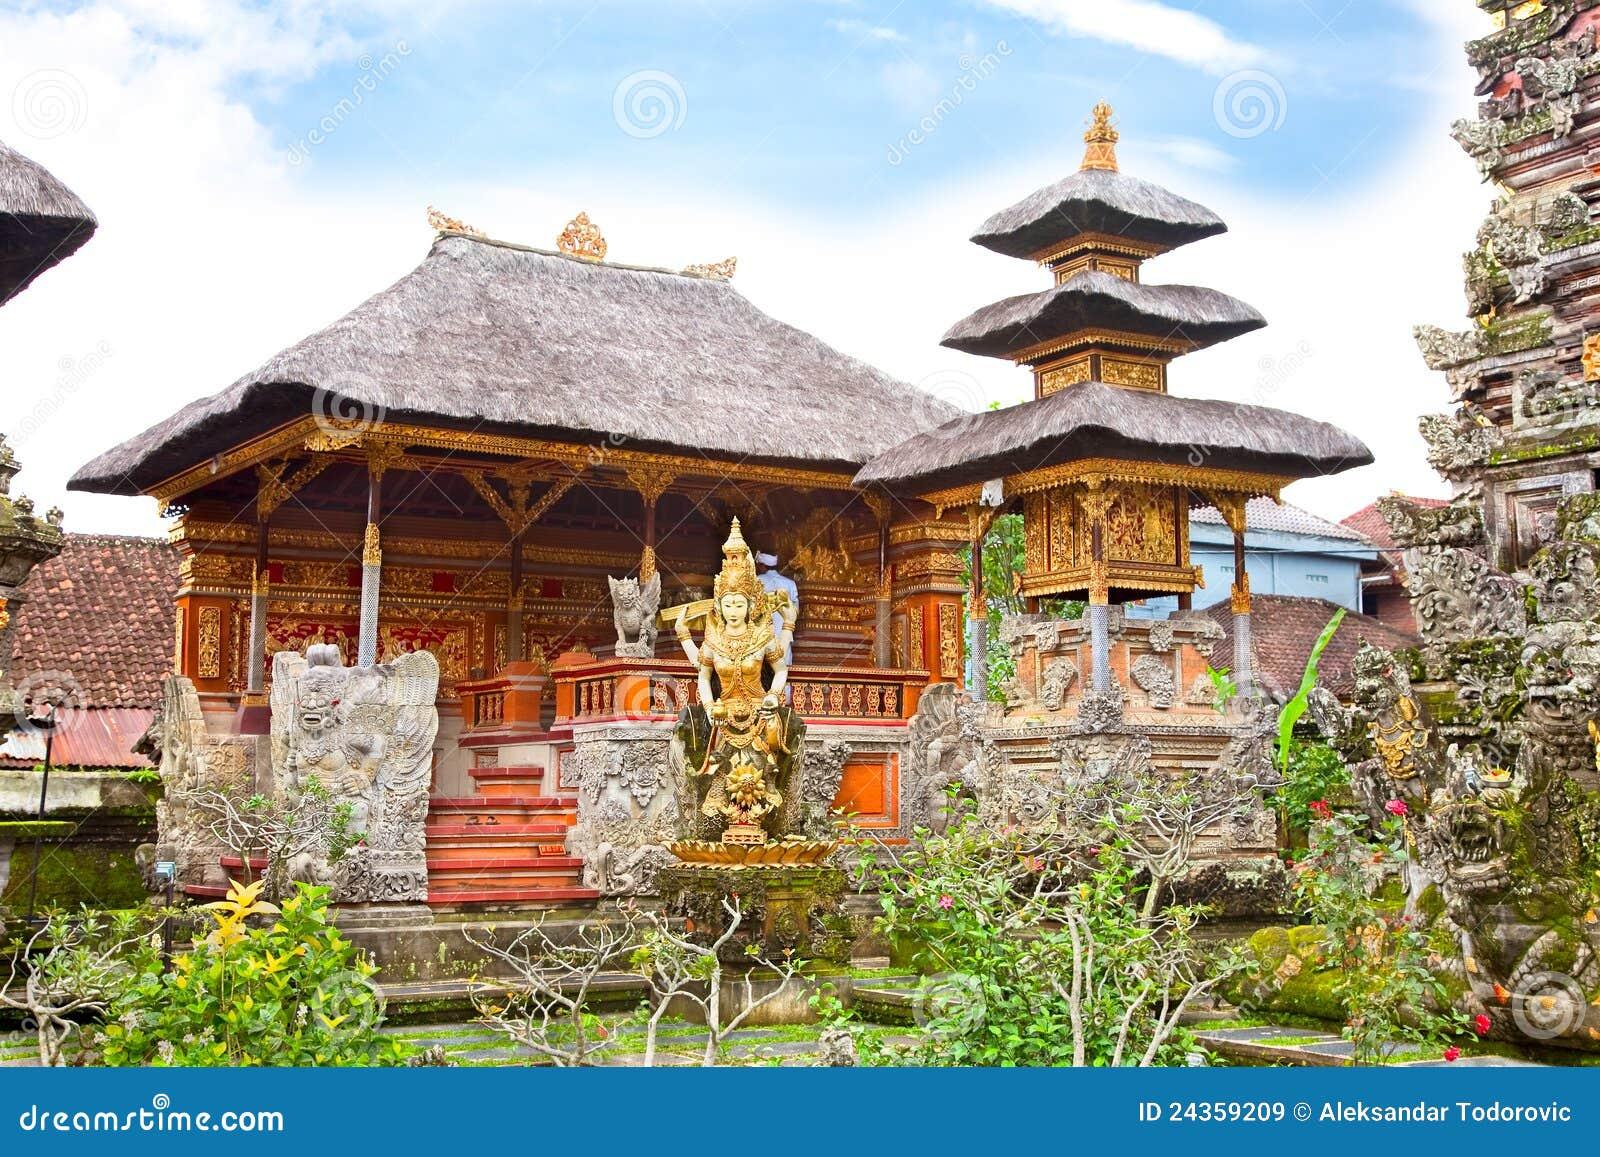 Pura saraswati tempel ubud bali indonesien lizenzfreie for Traditionelles haus bali